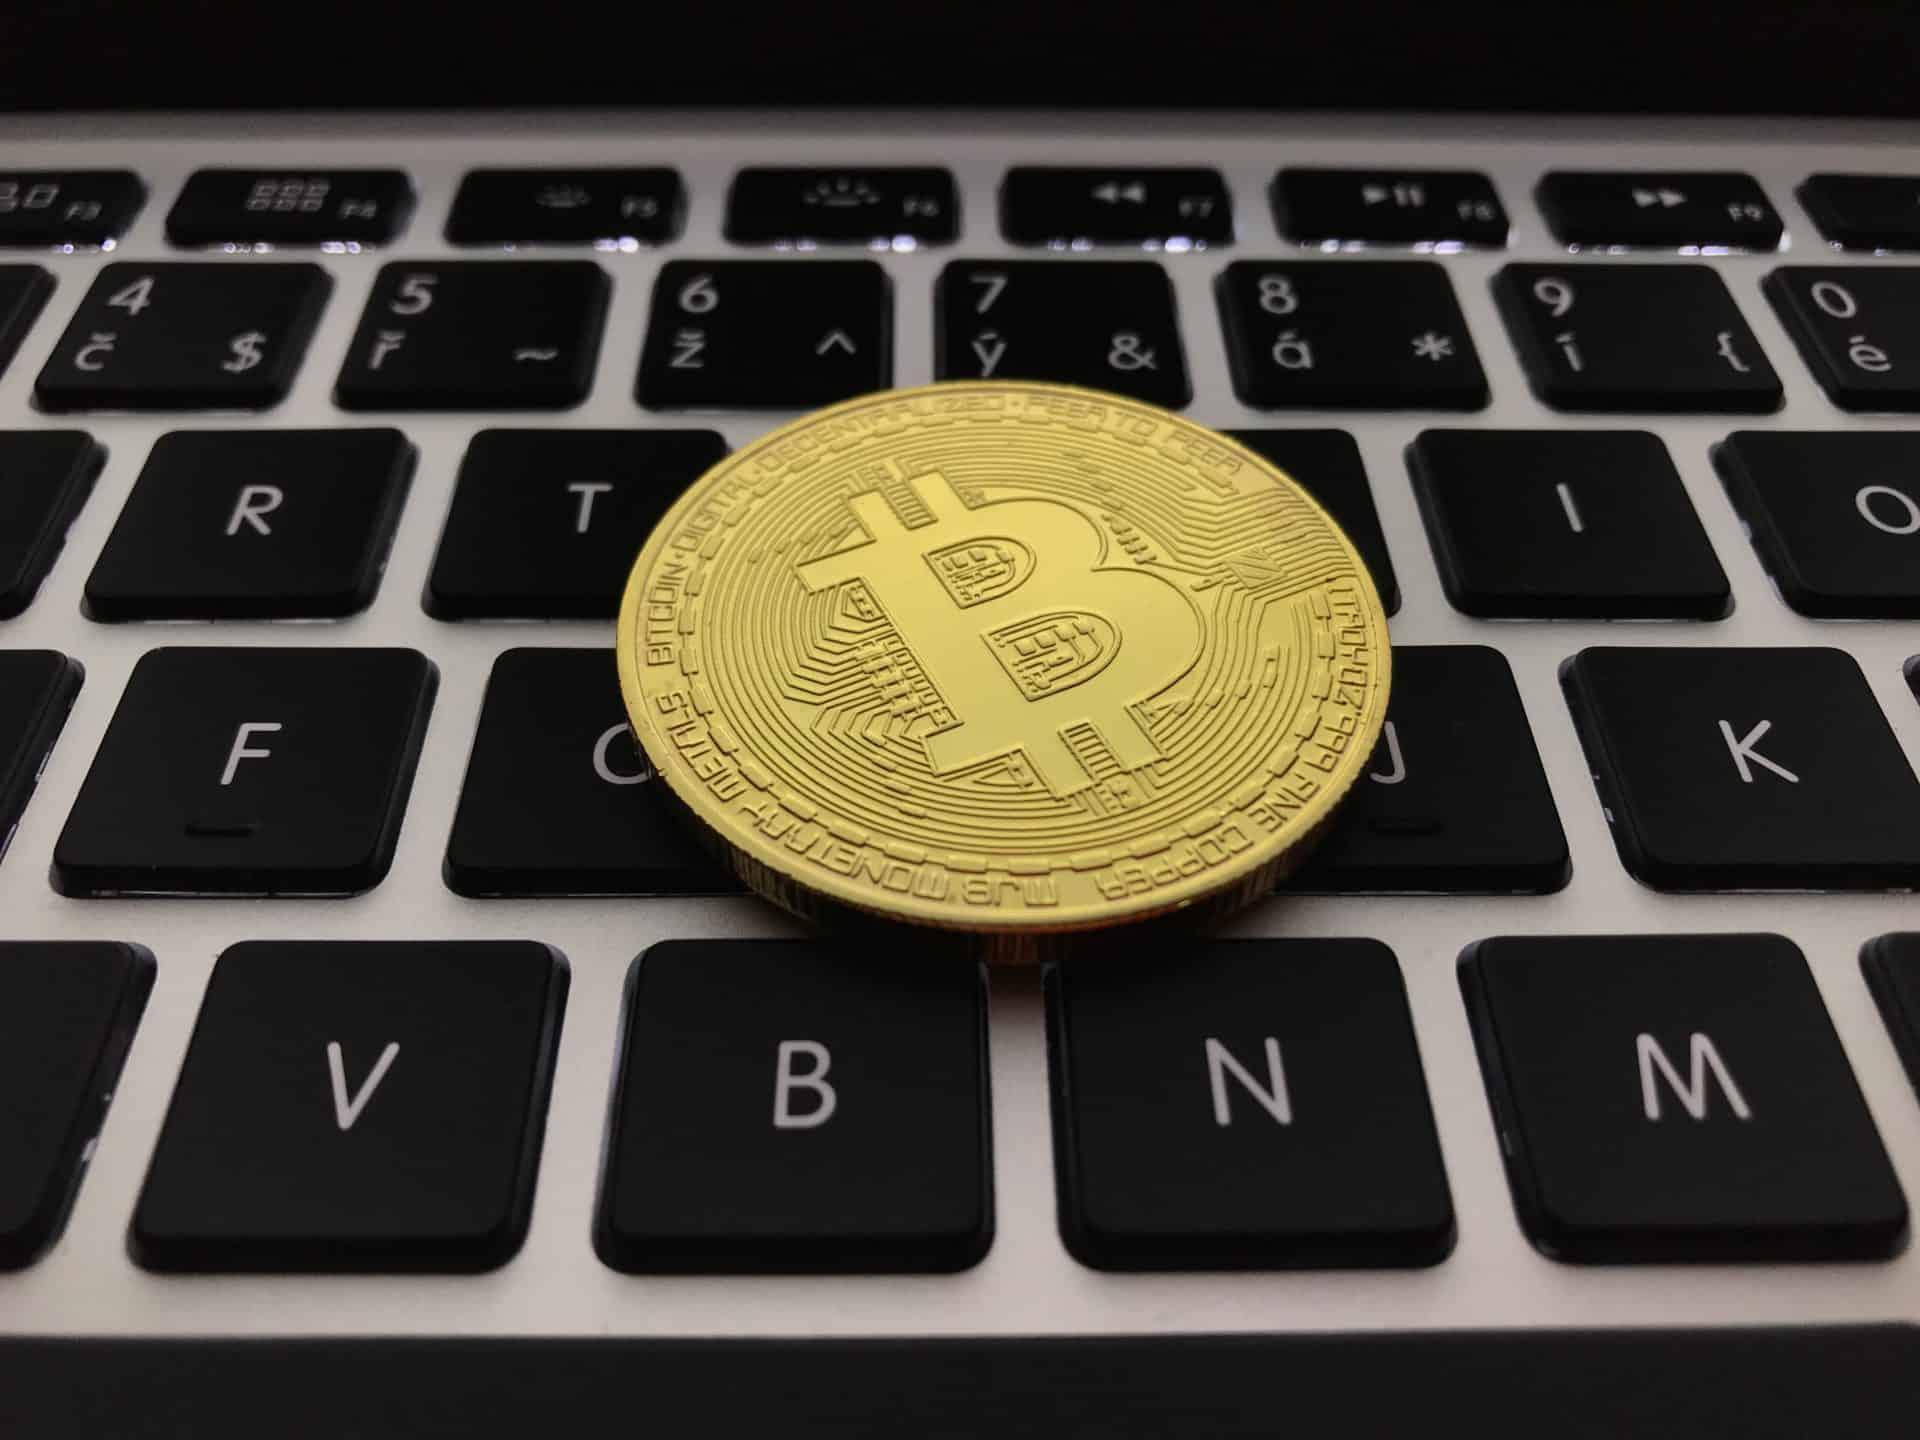 Bitcoinová euforie opadla, jak je na tom trh s kryptoměnami teď?